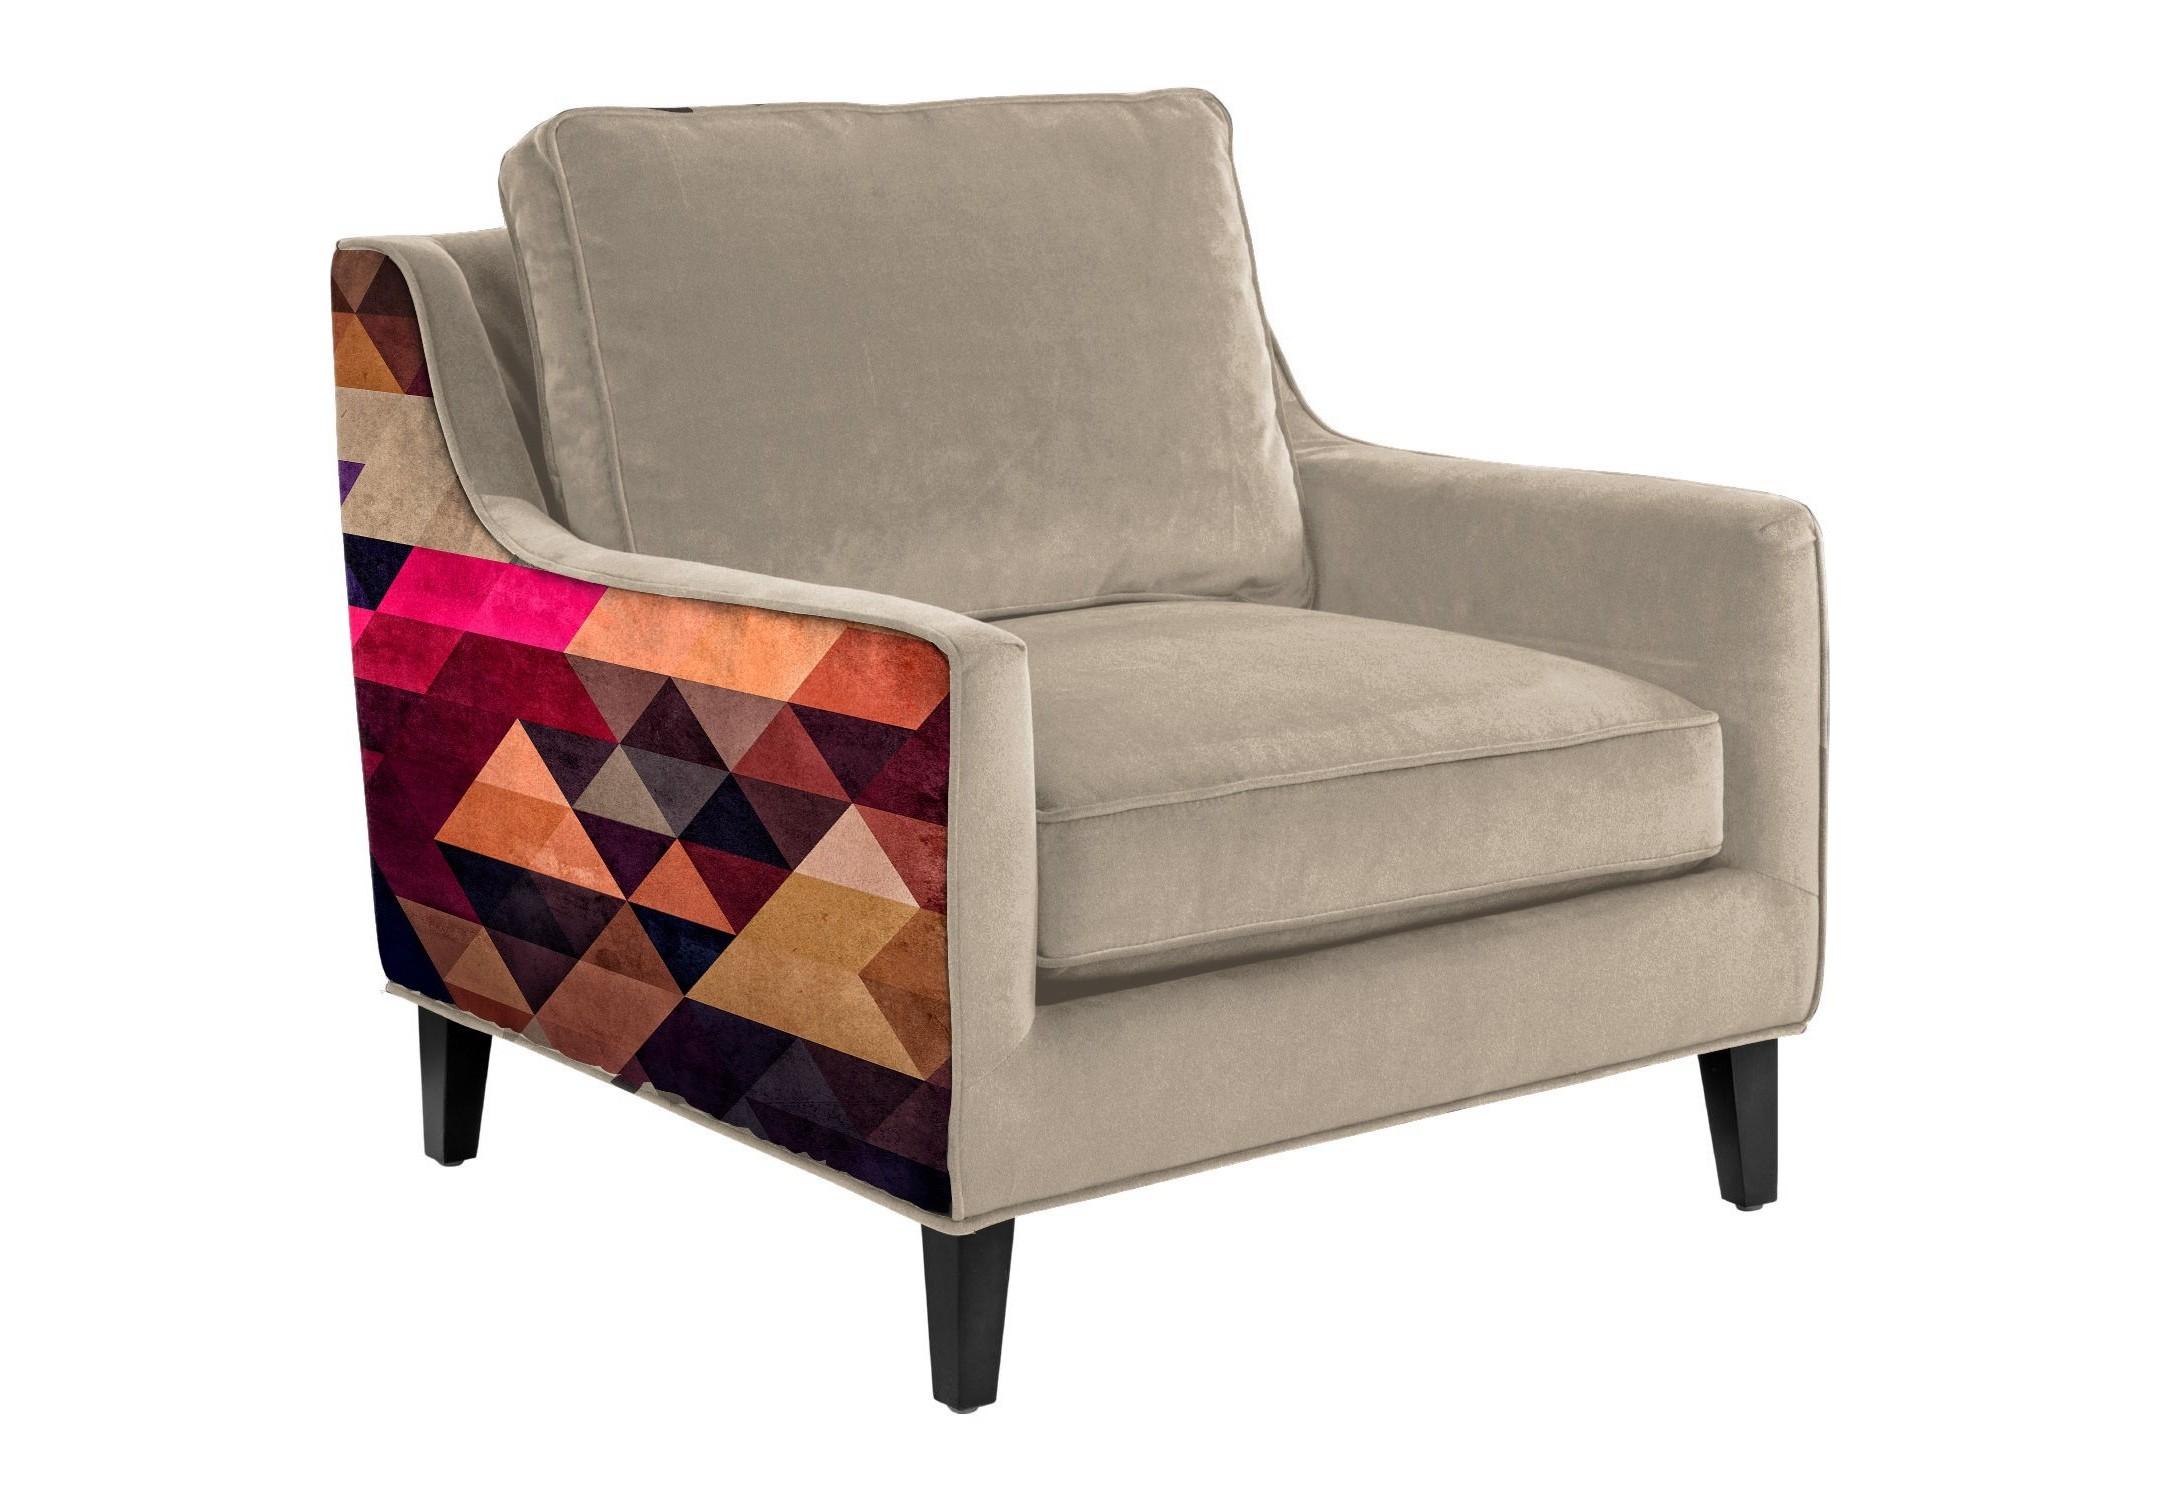 Кресло TriangleИнтерьерные кресла<br>Уникальный дизайн.  Кресло с принтом одного из талантливейших художников- иллюстраторов Джеймса Соареса. Отличительная черта американского художника это абстрактный графический дизайн с сочетанием множества оттенков. Украсит любой интерьер.&amp;amp;nbsp;&amp;lt;div&amp;gt;&amp;lt;br&amp;gt;&amp;lt;/div&amp;gt;&amp;lt;div&amp;gt;Произведено из экологически чистых материалов.&amp;amp;nbsp;&amp;lt;/div&amp;gt;&amp;lt;div&amp;gt;Варианты исполнения: <br>По желанию возможность выбрать ткань из других коллекций.&amp;amp;nbsp;&amp;lt;div&amp;gt;Гарантия: от производителя 1 год.&amp;lt;/div&amp;gt;&amp;lt;div&amp;gt;Материалы: дуб, текстиль.&amp;amp;nbsp;&amp;lt;/div&amp;gt;&amp;lt;div&amp;gt;Более точную информацию уточняйте у менеджера.&amp;lt;/div&amp;gt;&amp;lt;/div&amp;gt;<br><br>Material: Текстиль<br>Ширина см: 90<br>Высота см: 82<br>Глубина см: 95